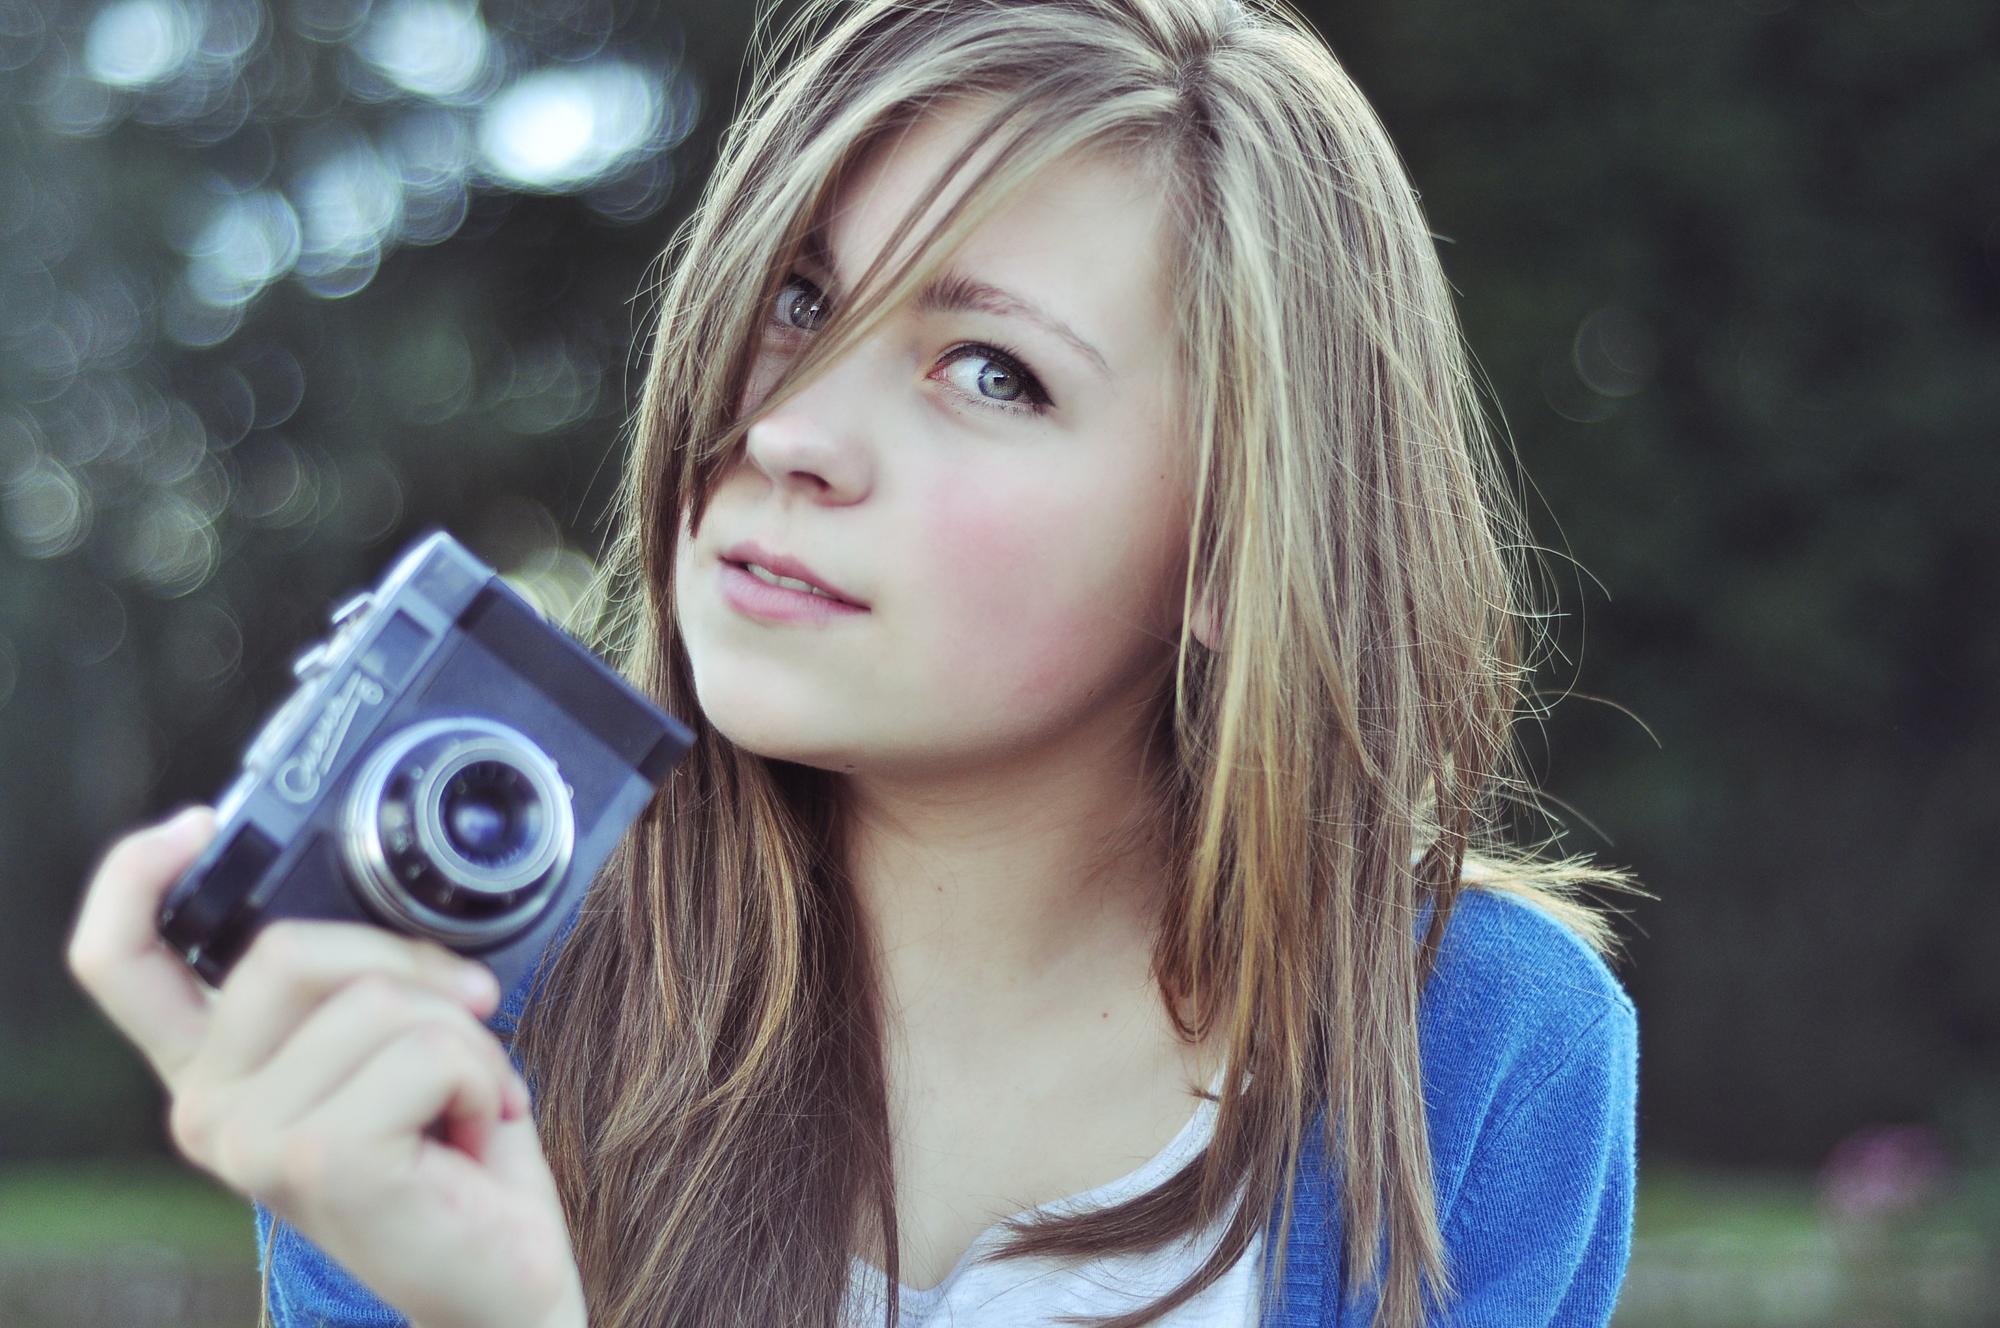 صورة صور بنات كيوت حلوين , اجمل صور البنات